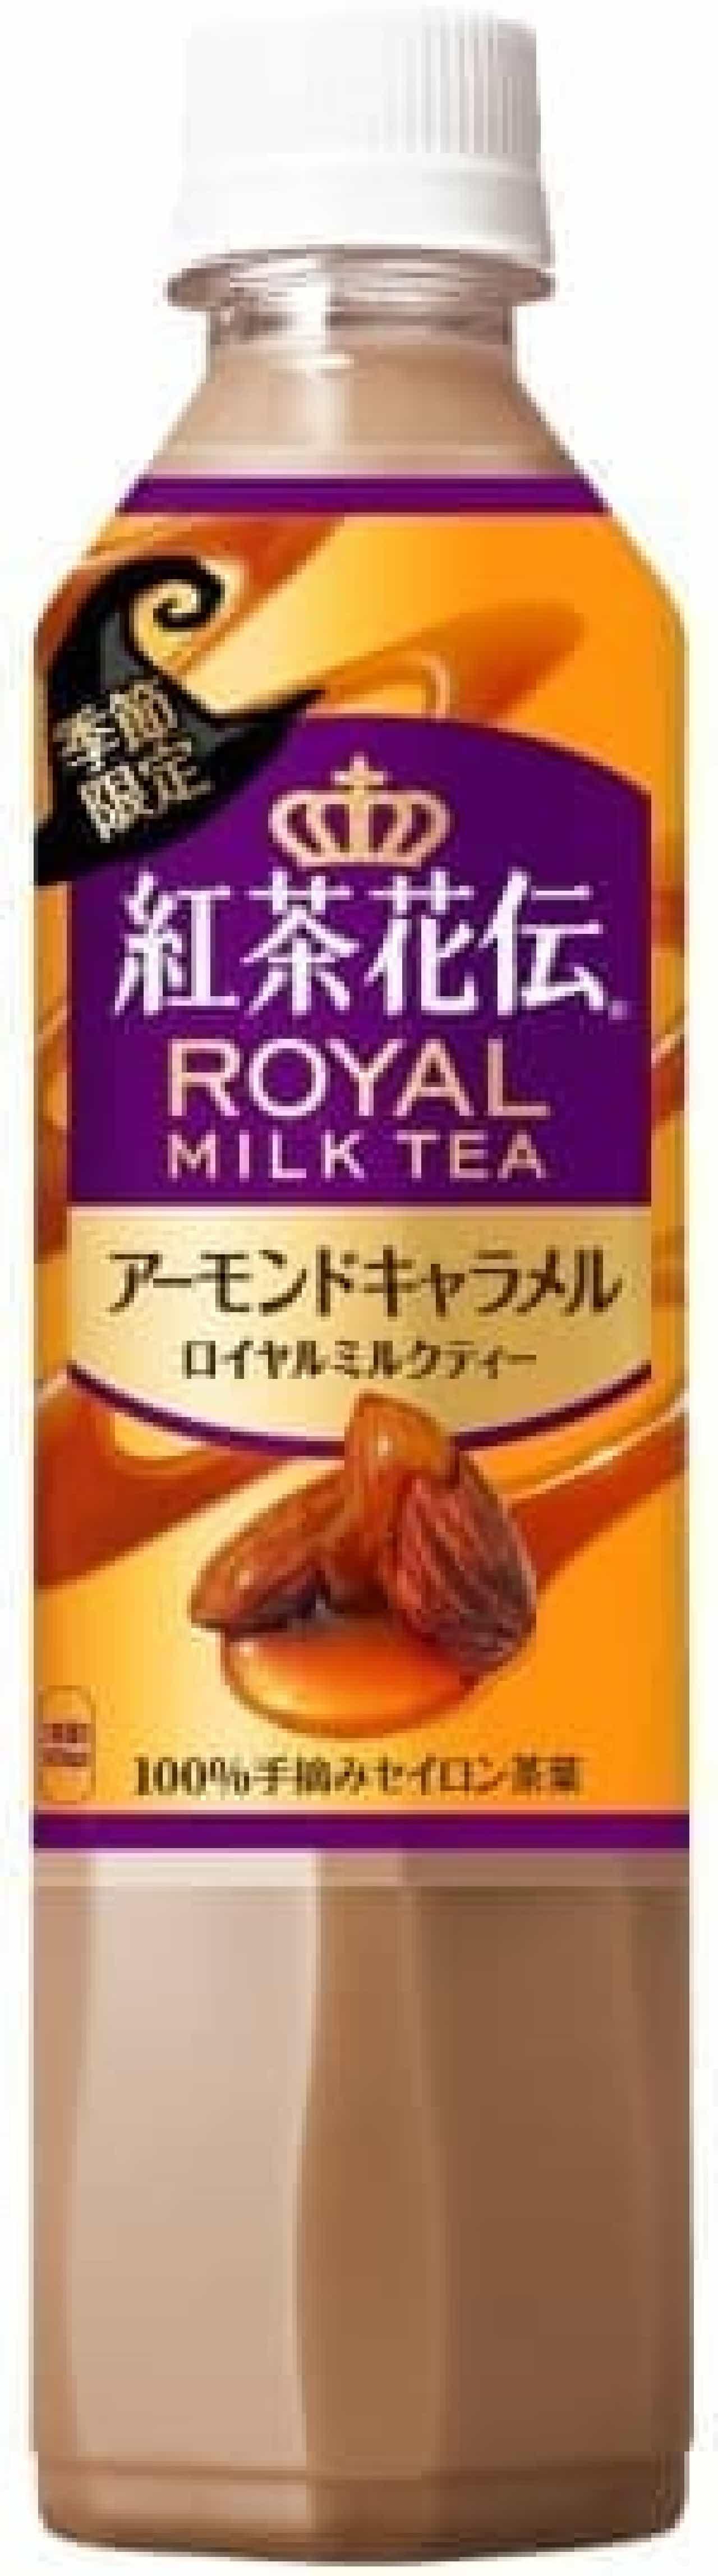 コカ・コーラ「紅茶花伝 アーモンドキャラメル ロイヤルミルクティー」